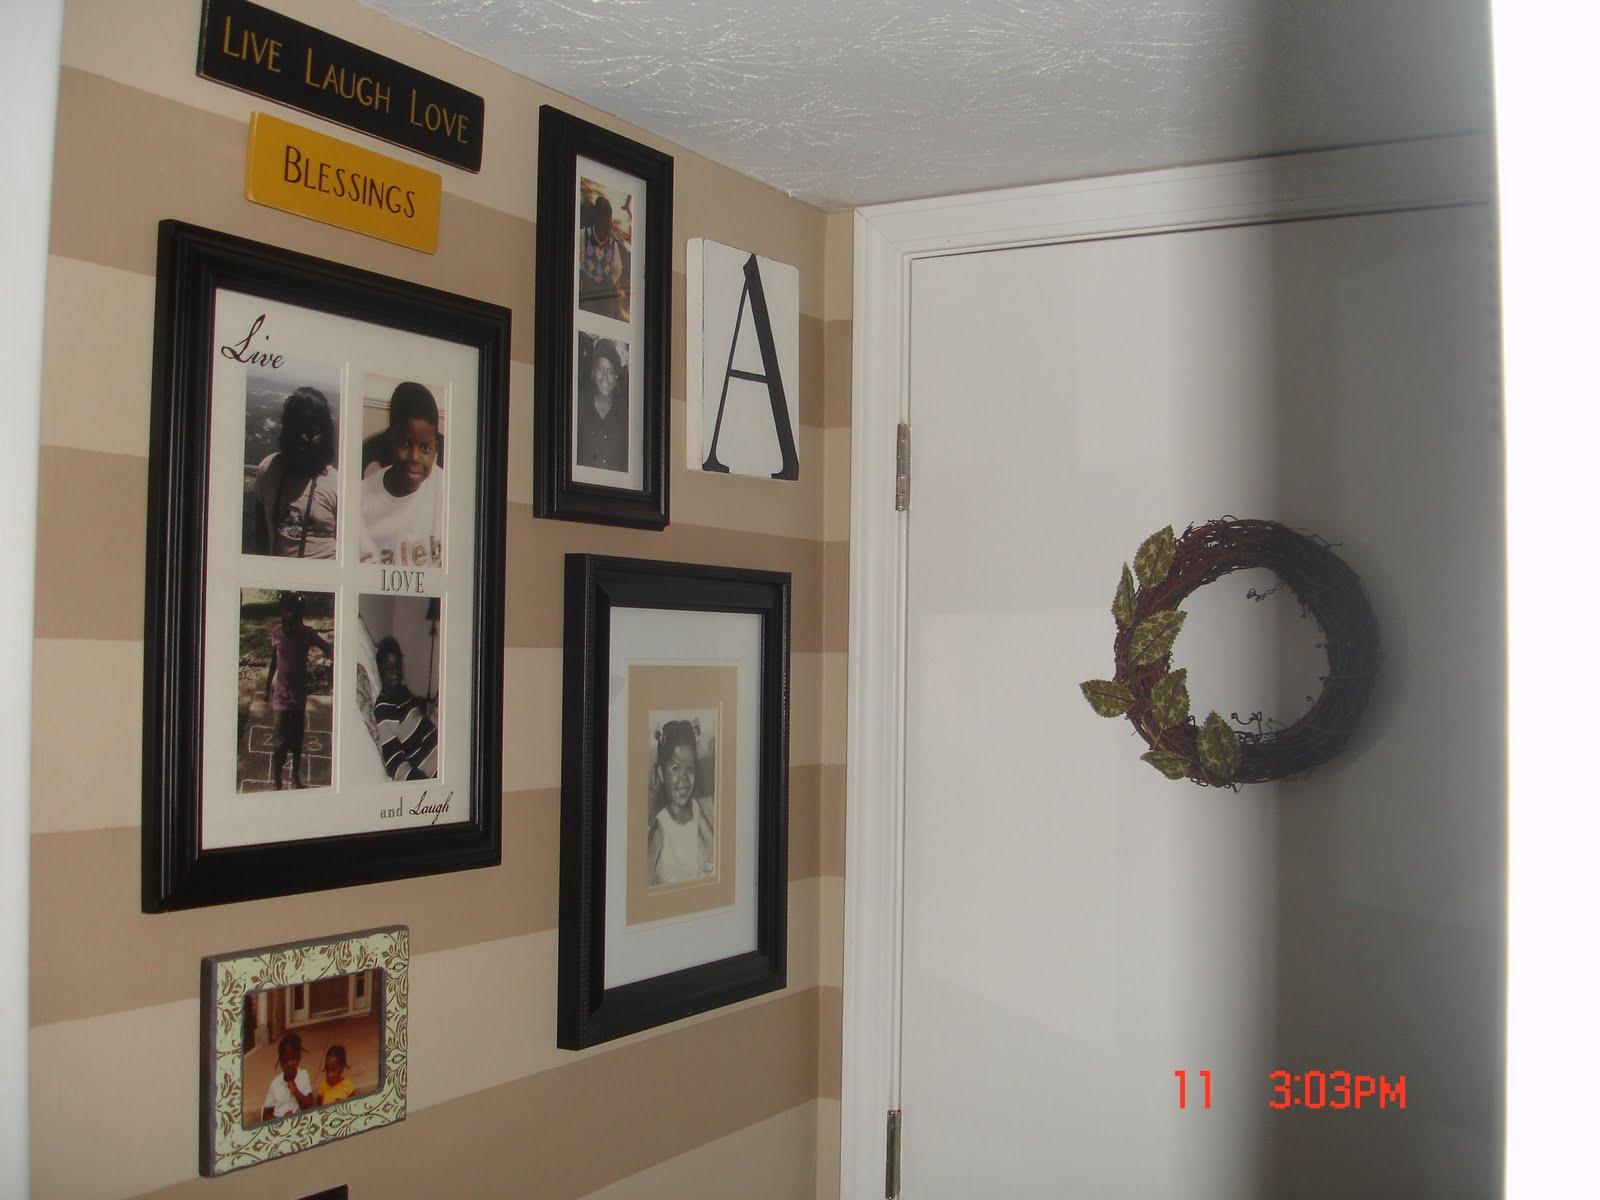 http://1.bp.blogspot.com/_xbGNfiDRmxs/TI0EeUwQH4I/AAAAAAAAAHI/RSOM8ZXoDcc/s1600/012.JPG